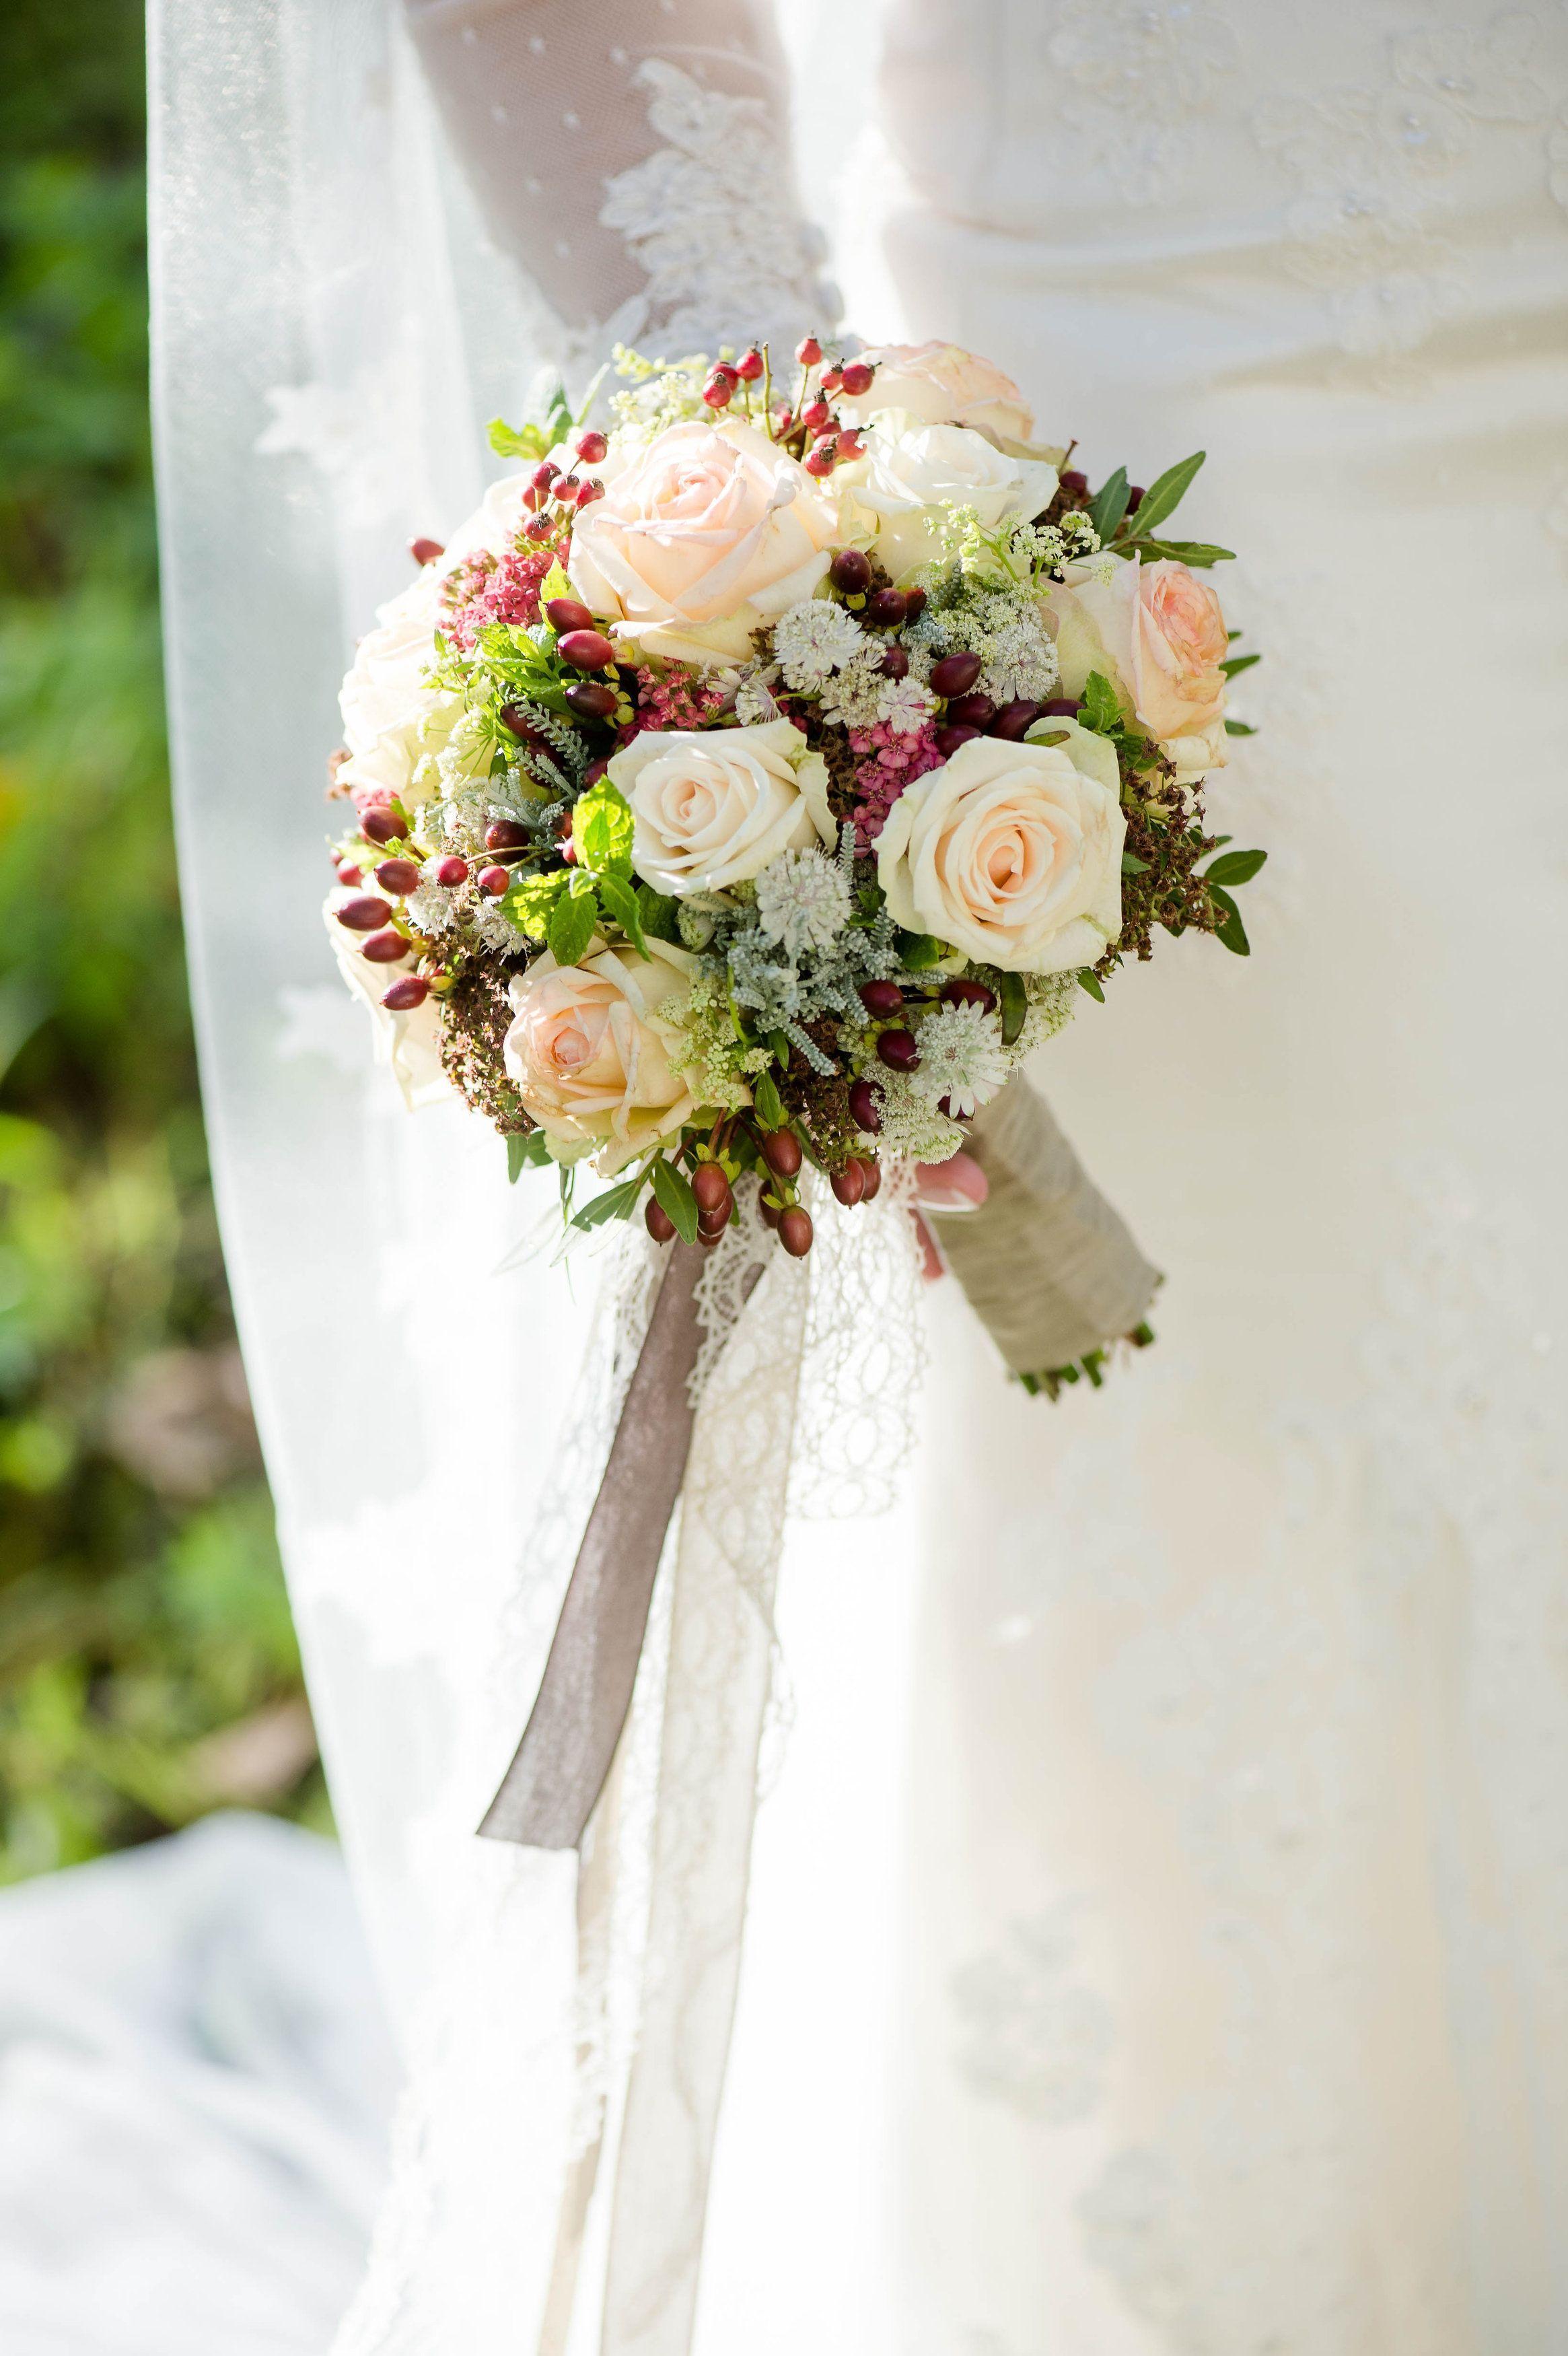 Eventfloristik Stuttgart Waiblingen Ludwigsburg Heilbronn Braut Blumen Blumenstrauss Hochzeit Brautstrauss